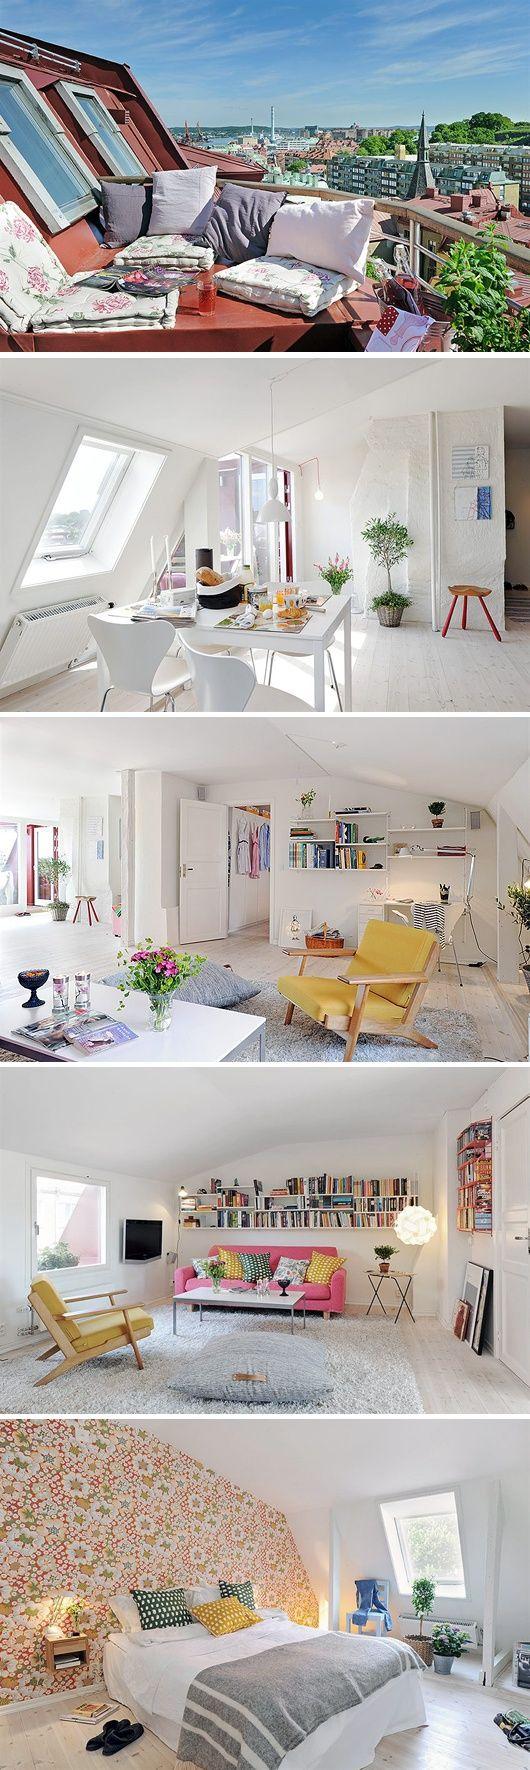 ah such a cute apartment